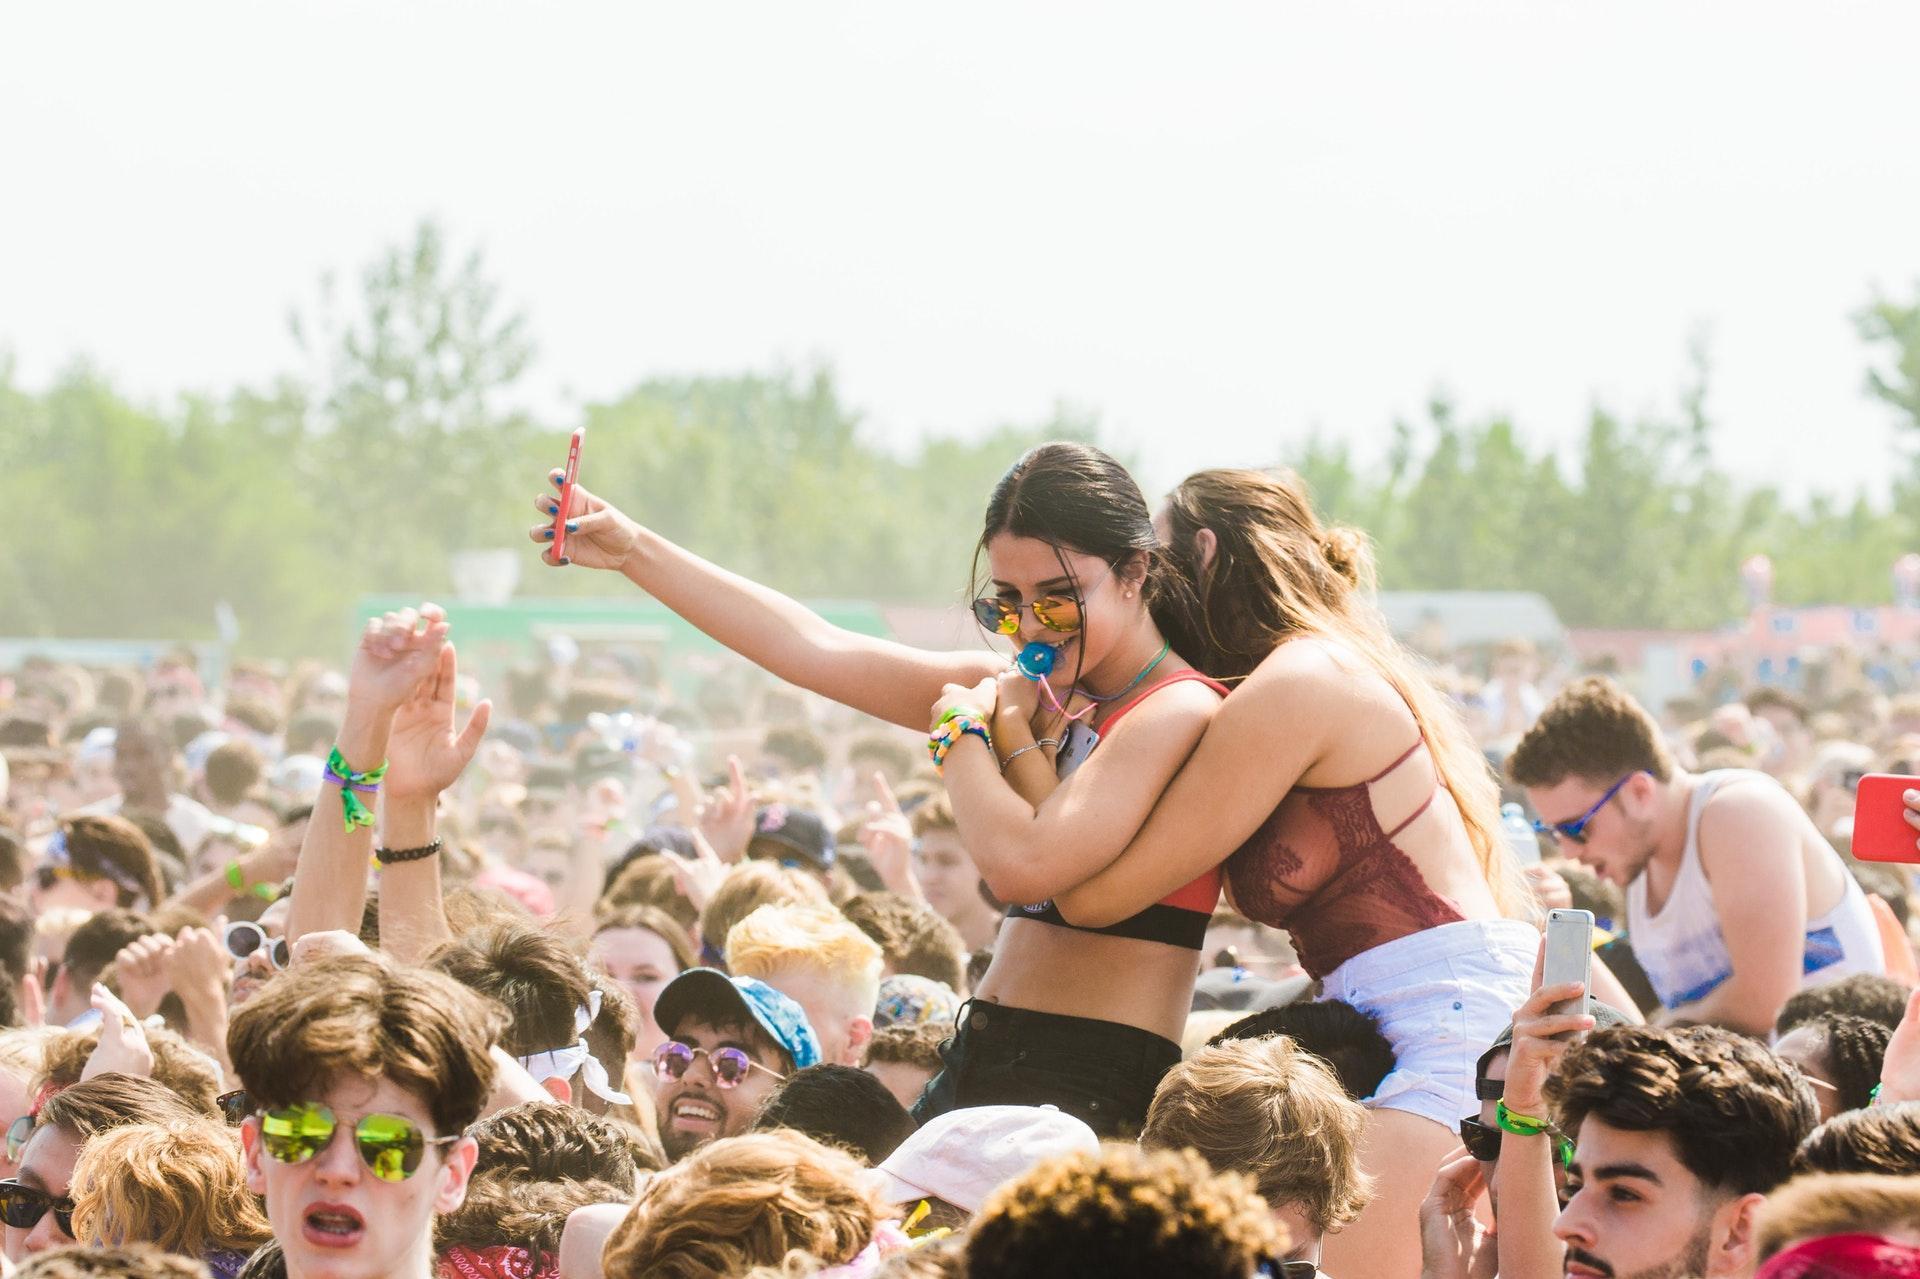 arms raised best friends concert 1537638